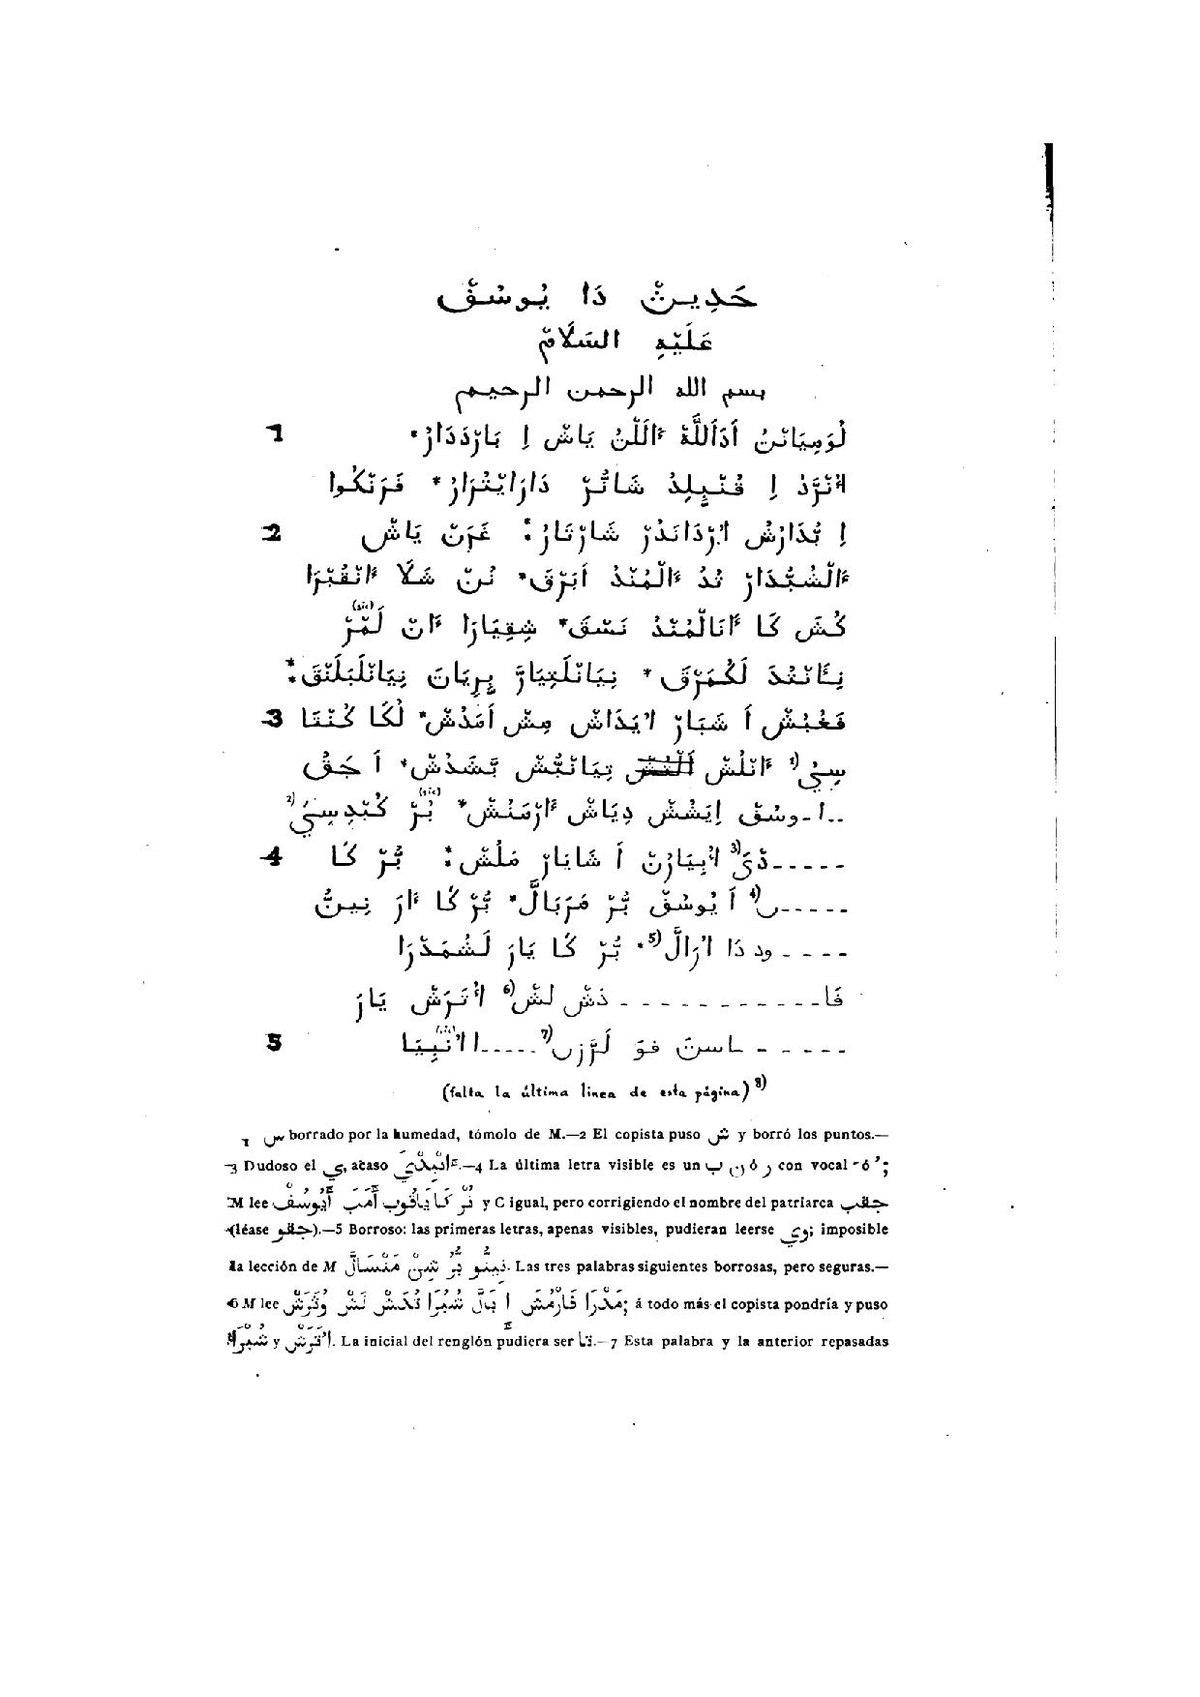 Poema de José – Wikipedia